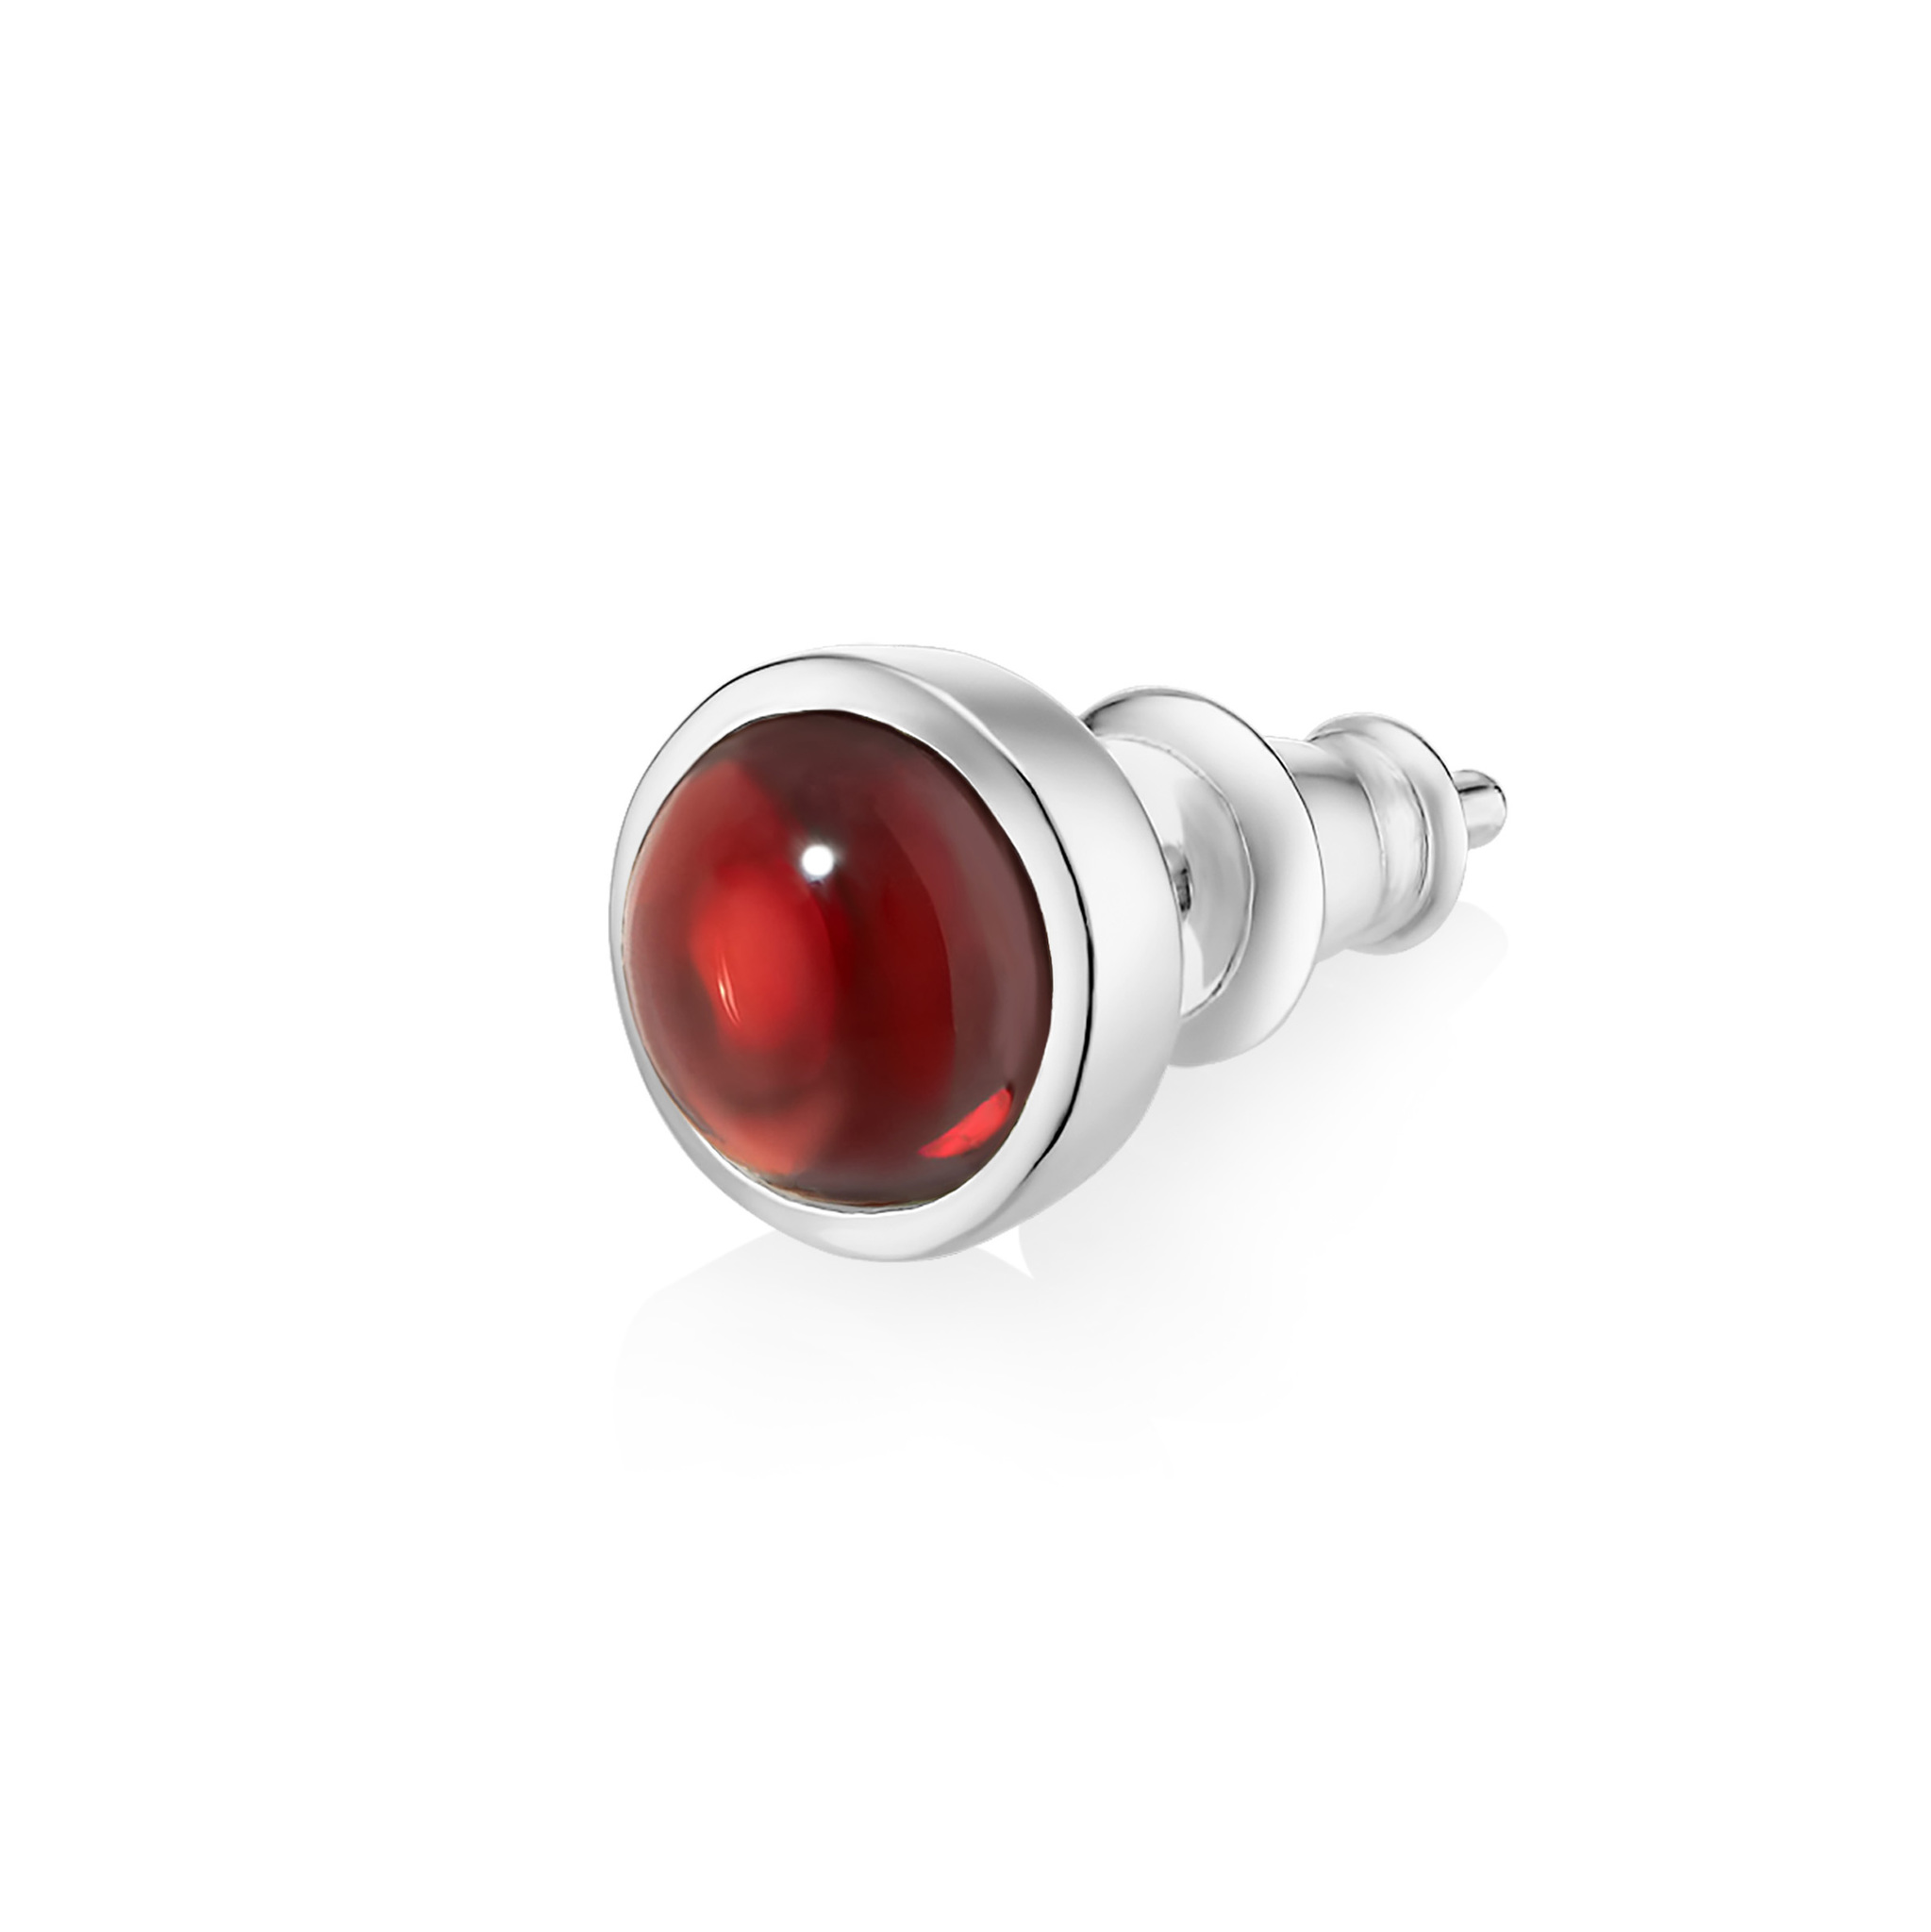 Моносерьга ALPHA - Красный гранат